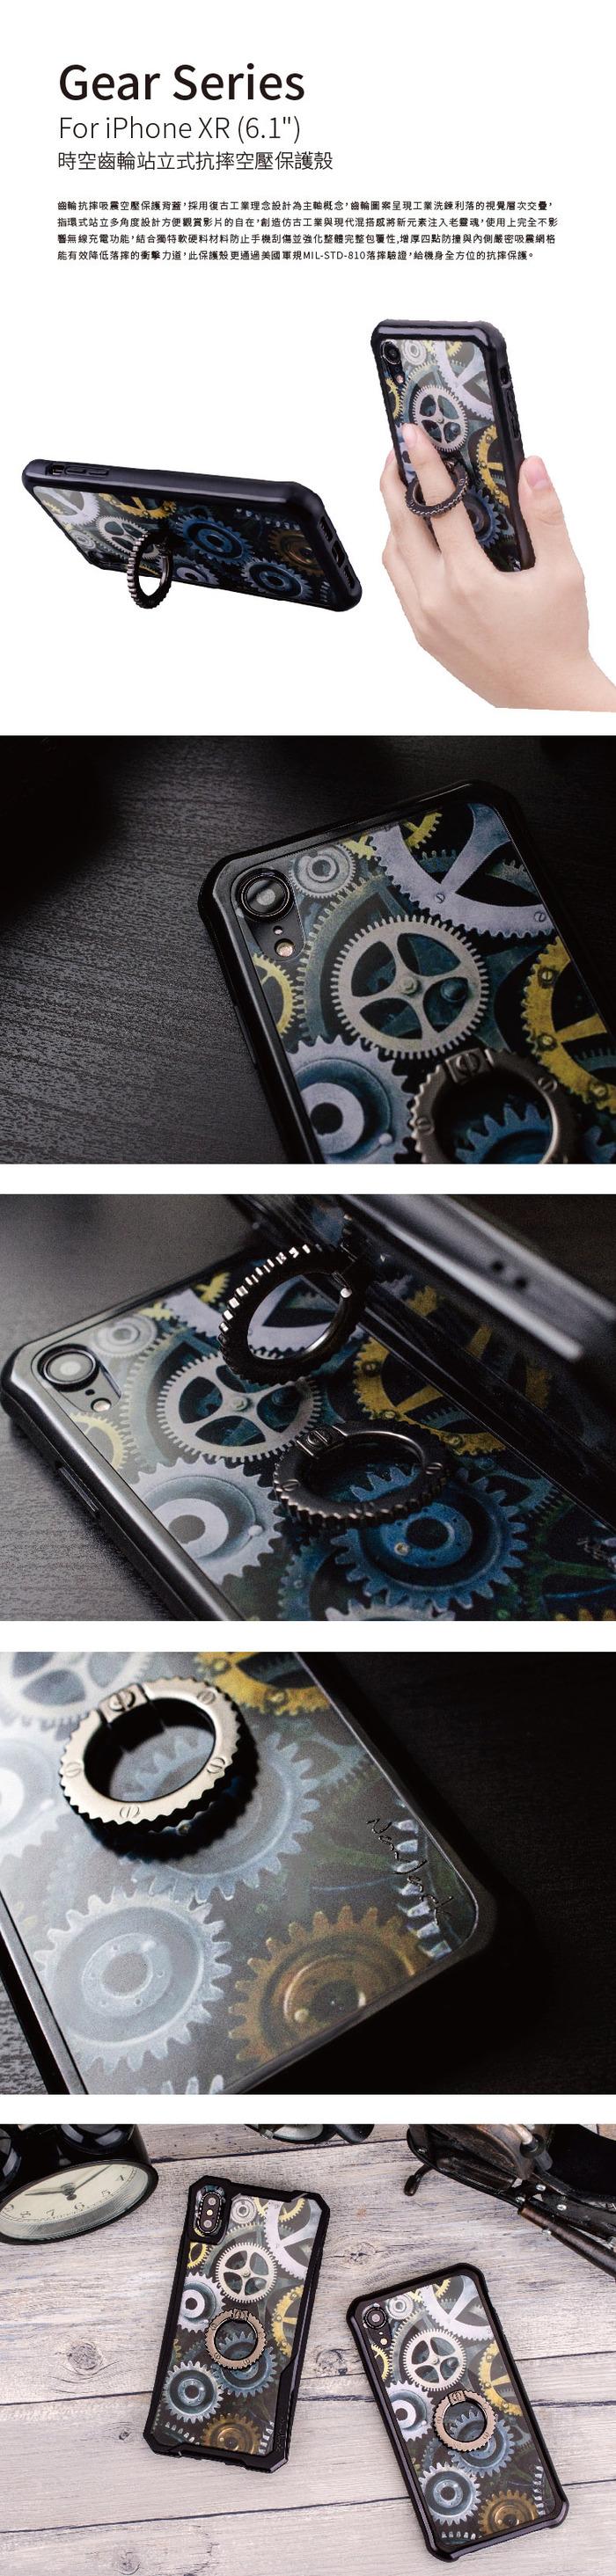 (複製)NavJack|iPhone Xs Max (6.5吋) 齒輪站立指環保護殼